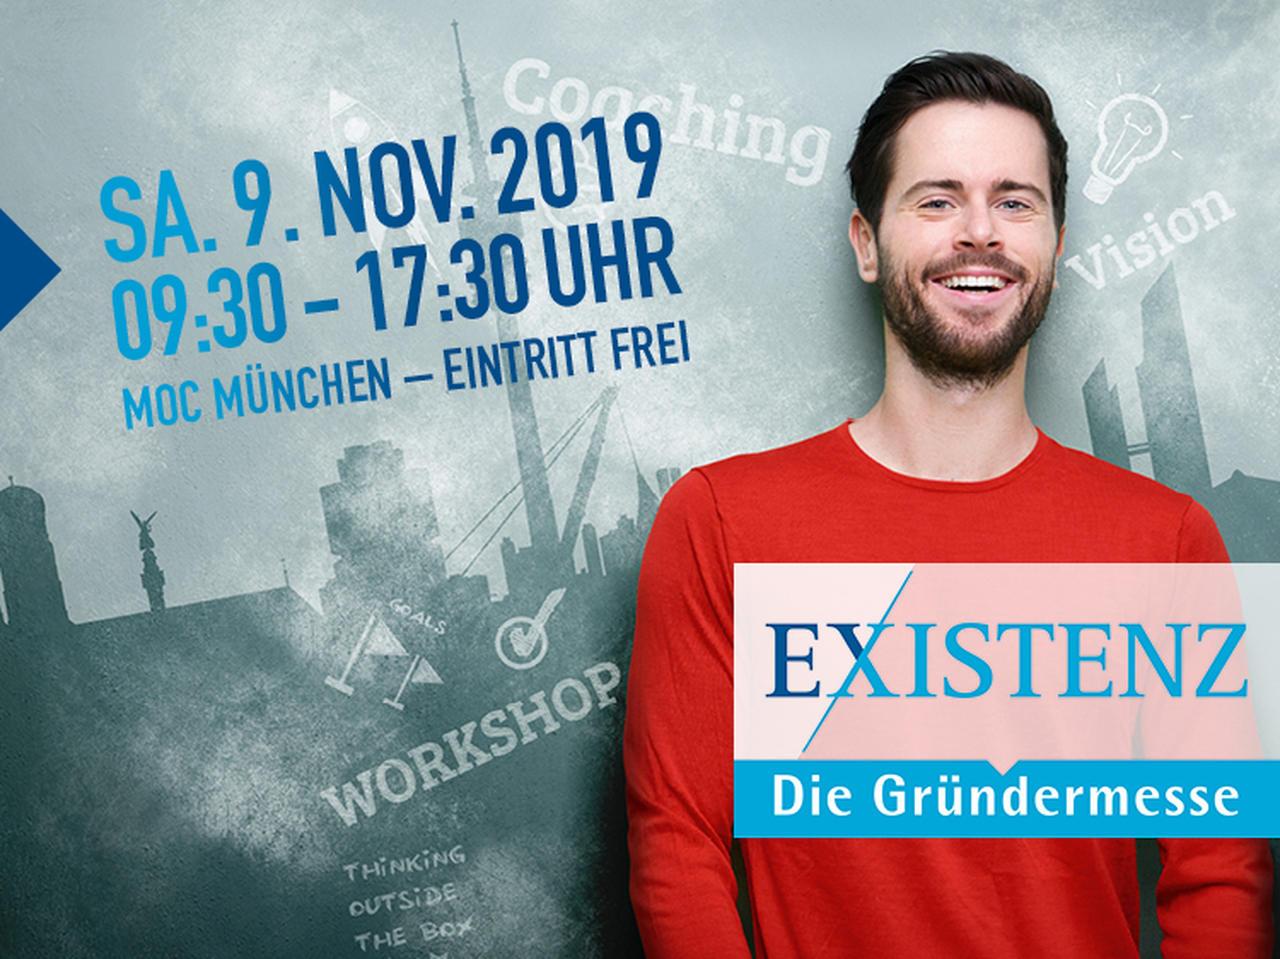 IHK EXISTENZ - Die Gründermesse